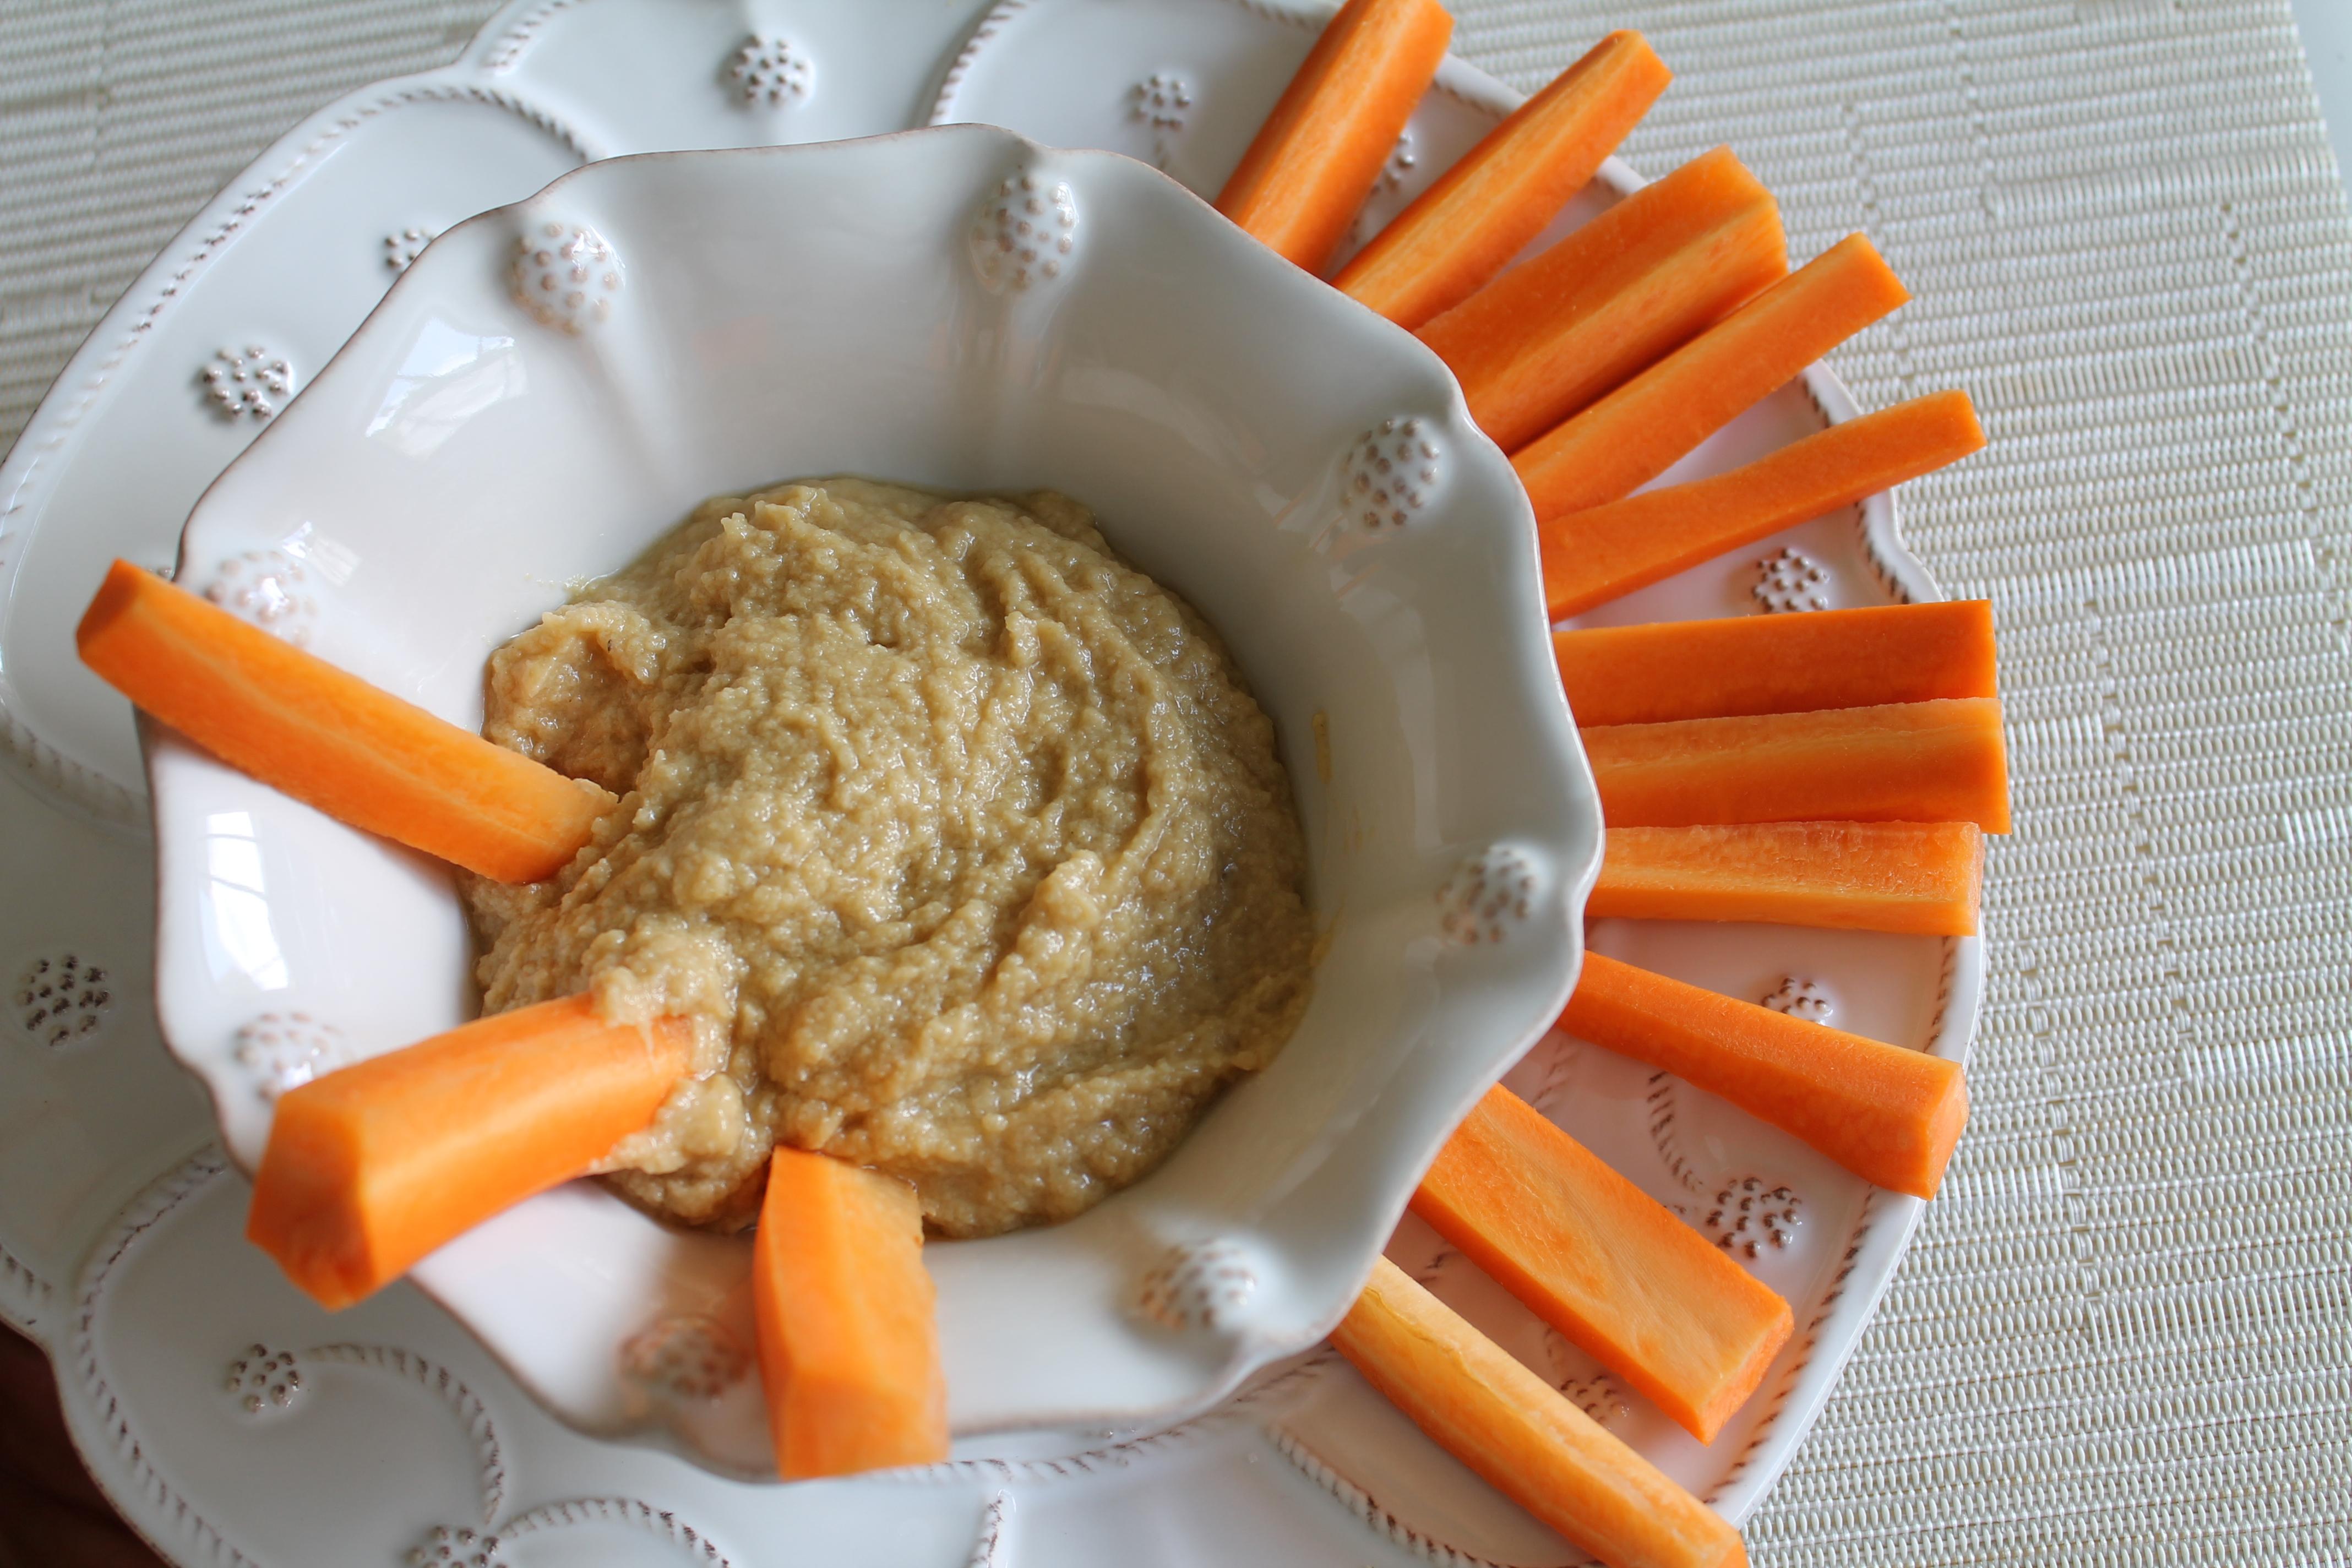 Hummus nutrition recepie